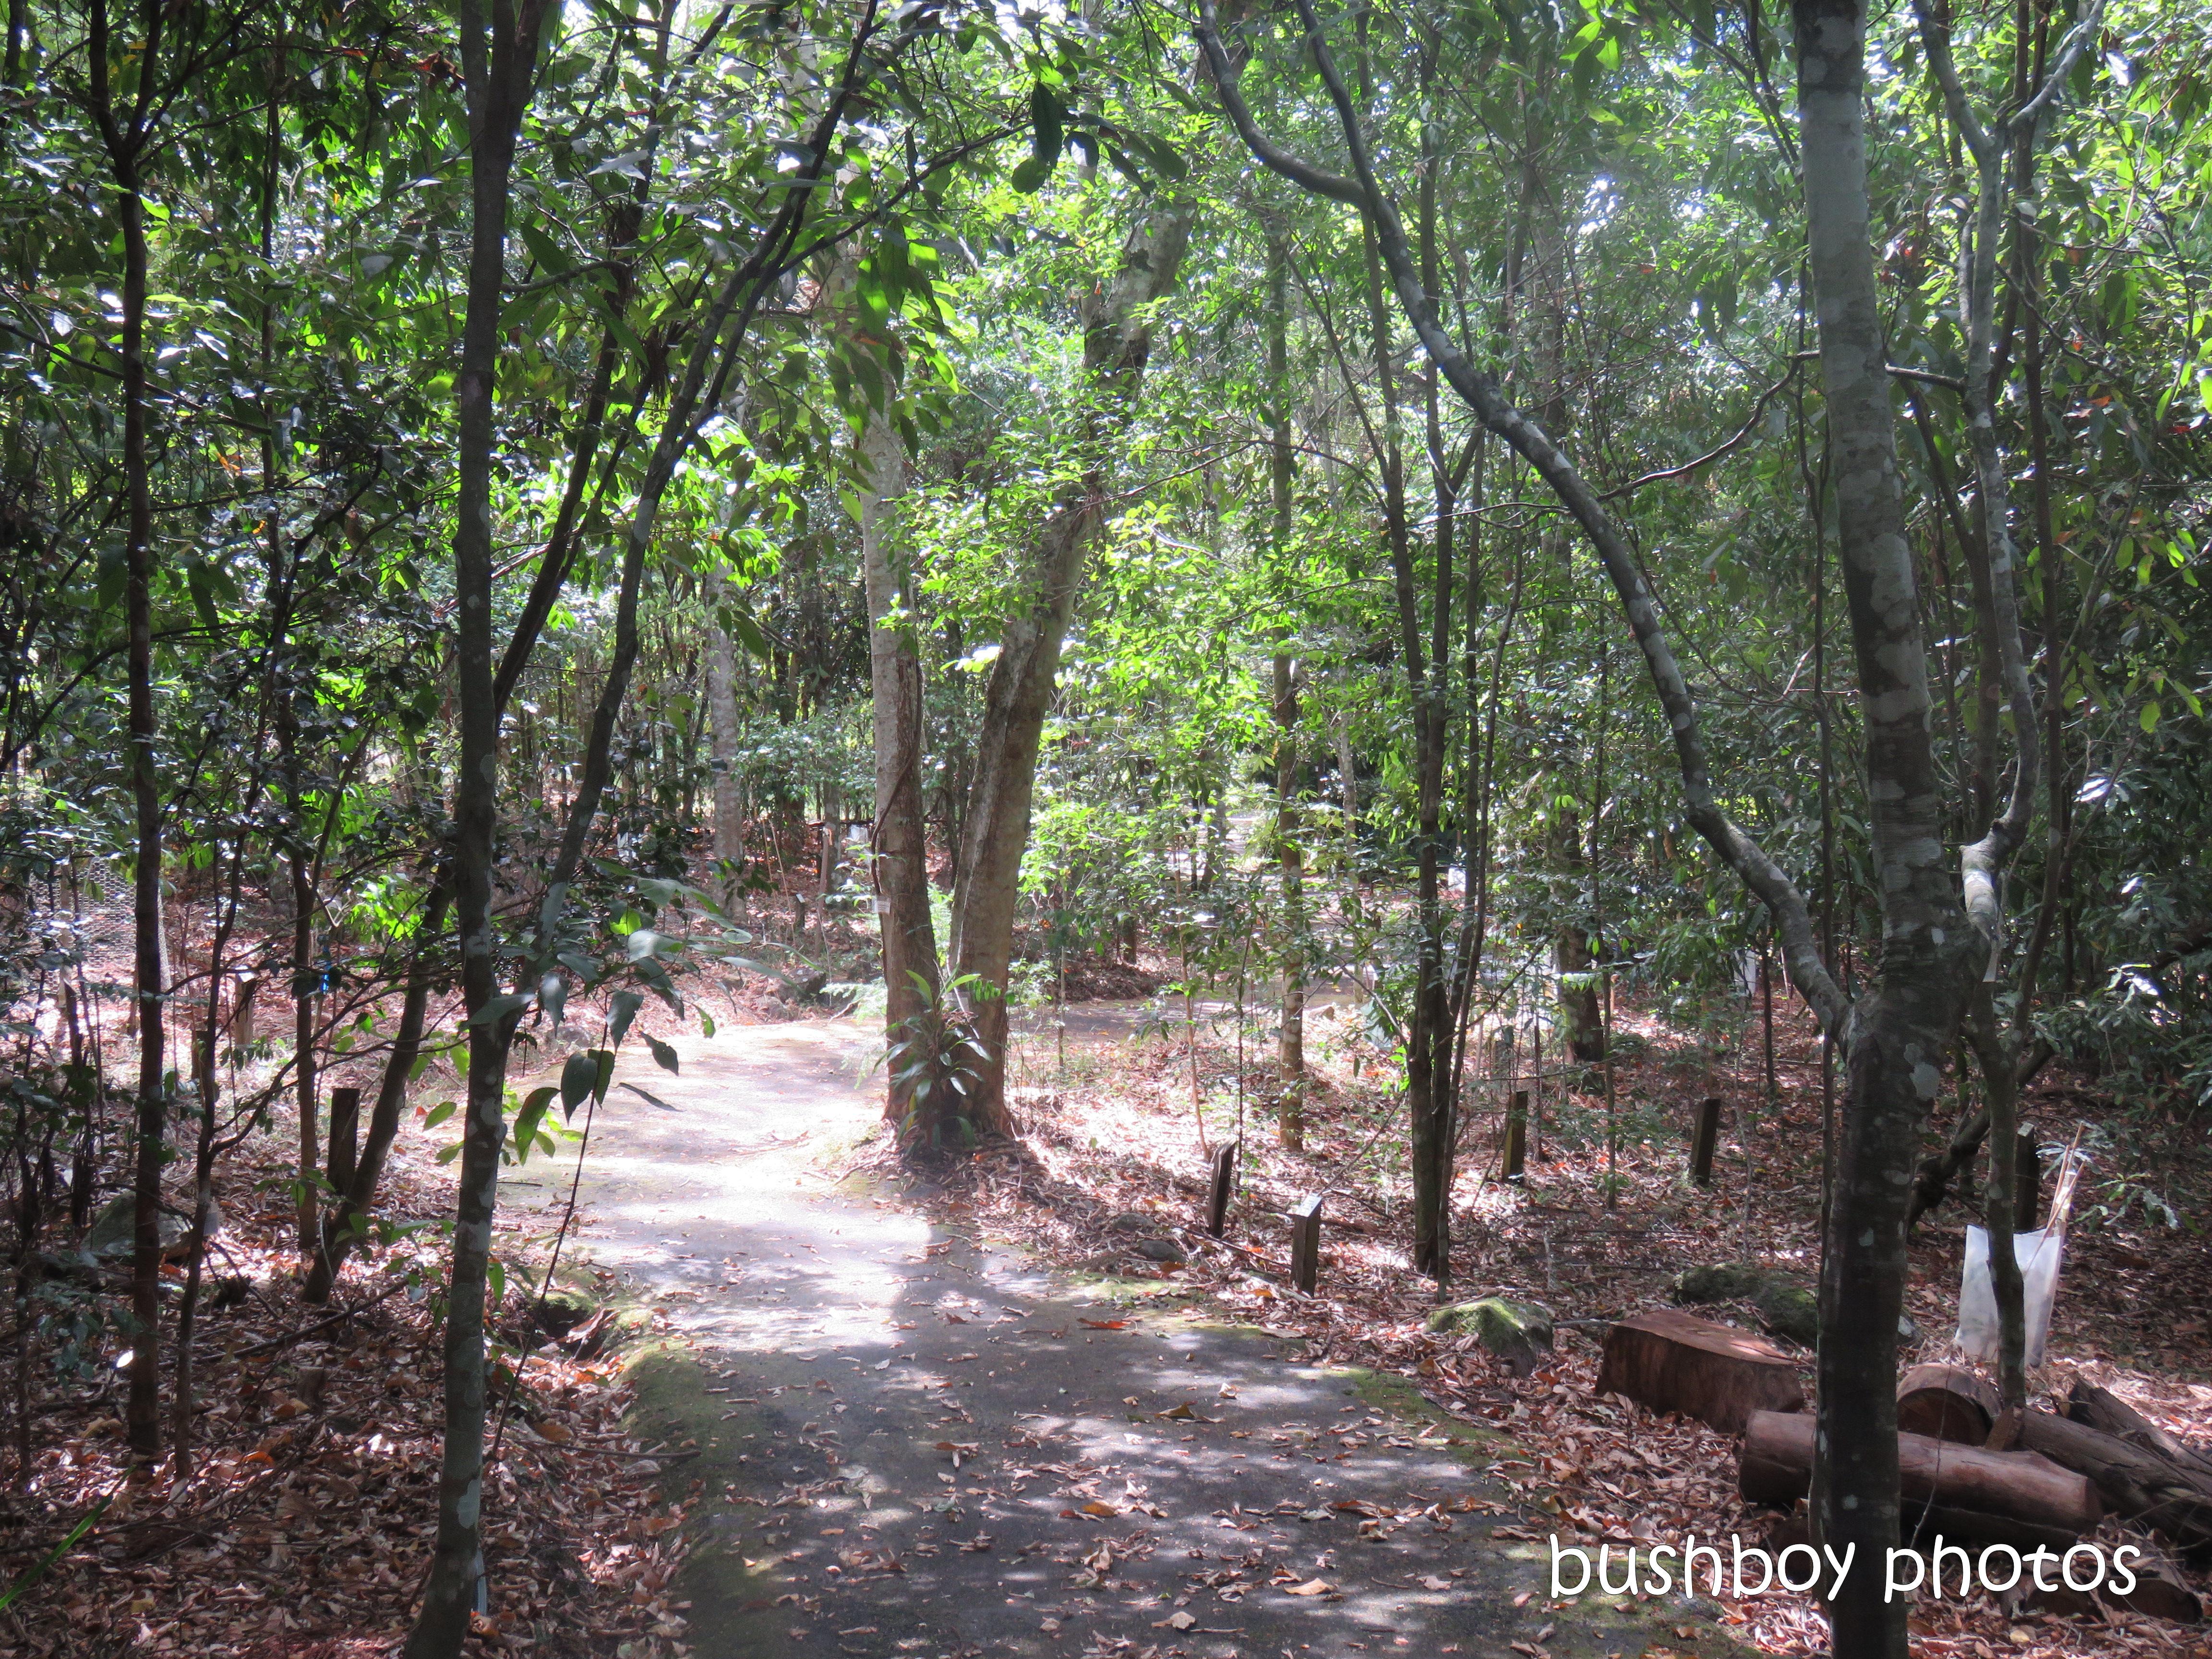 lismore_botanical_gardens_paths_bridges1_jan 2019 (12)